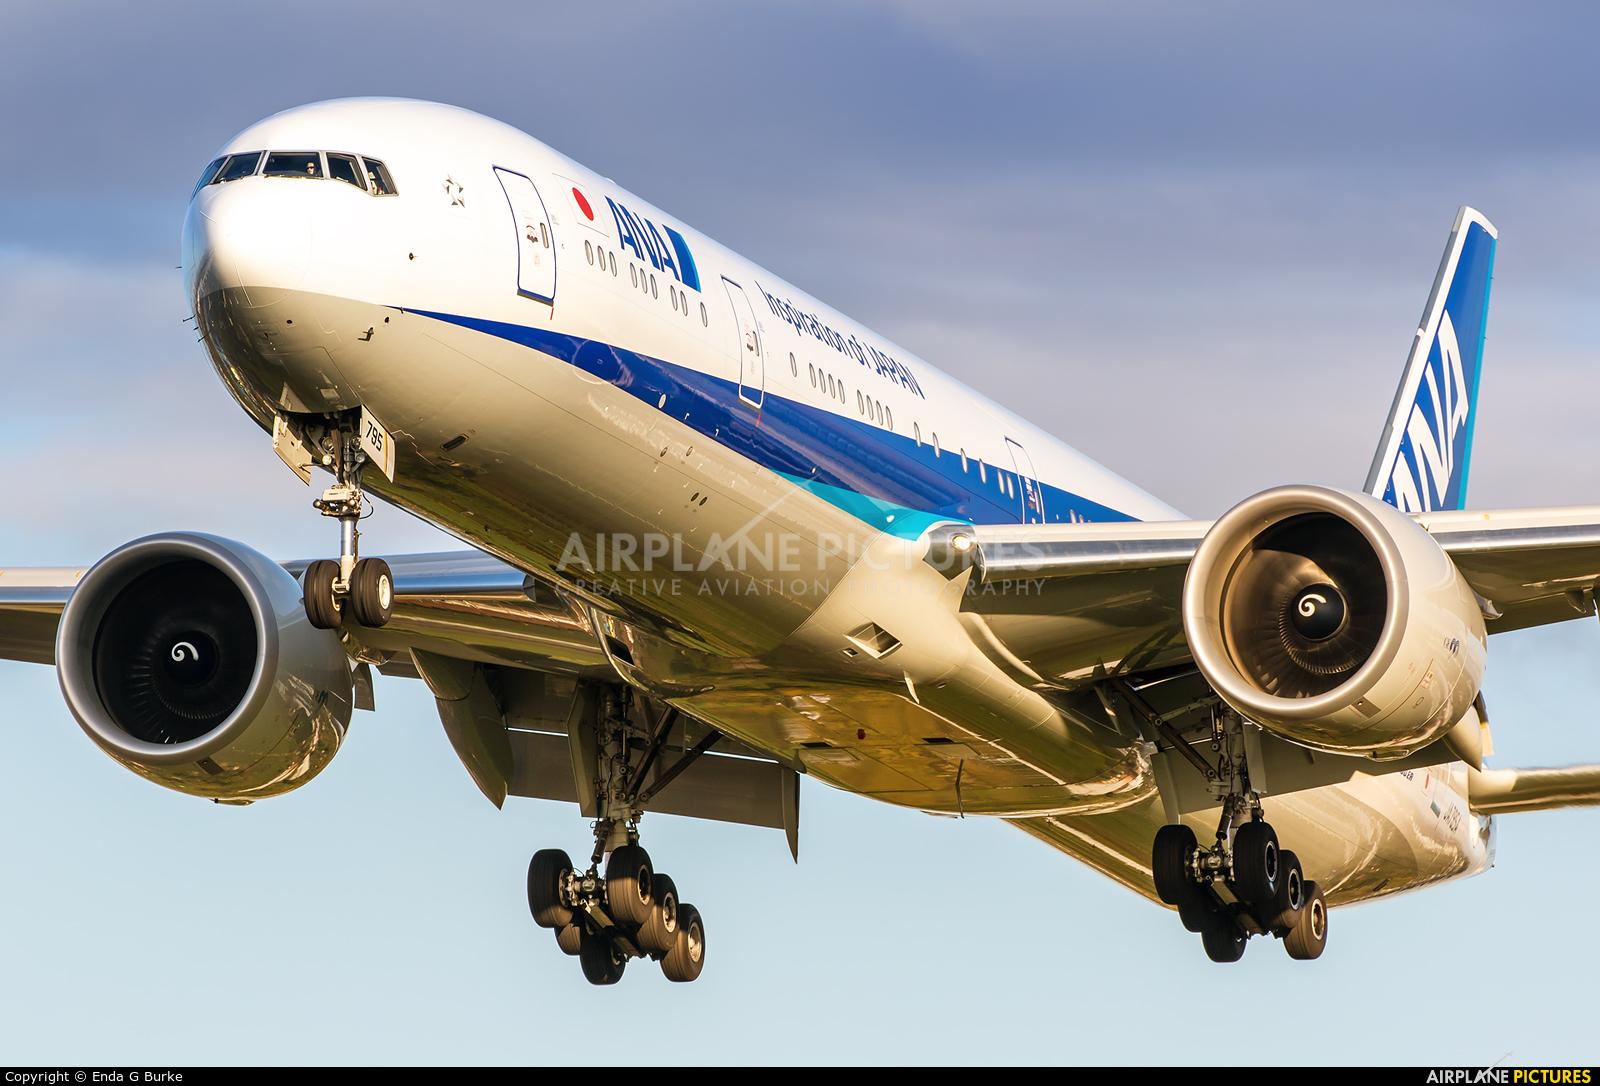 ANA - All Nippon Airways JA795A aircraft at London - Heathrow